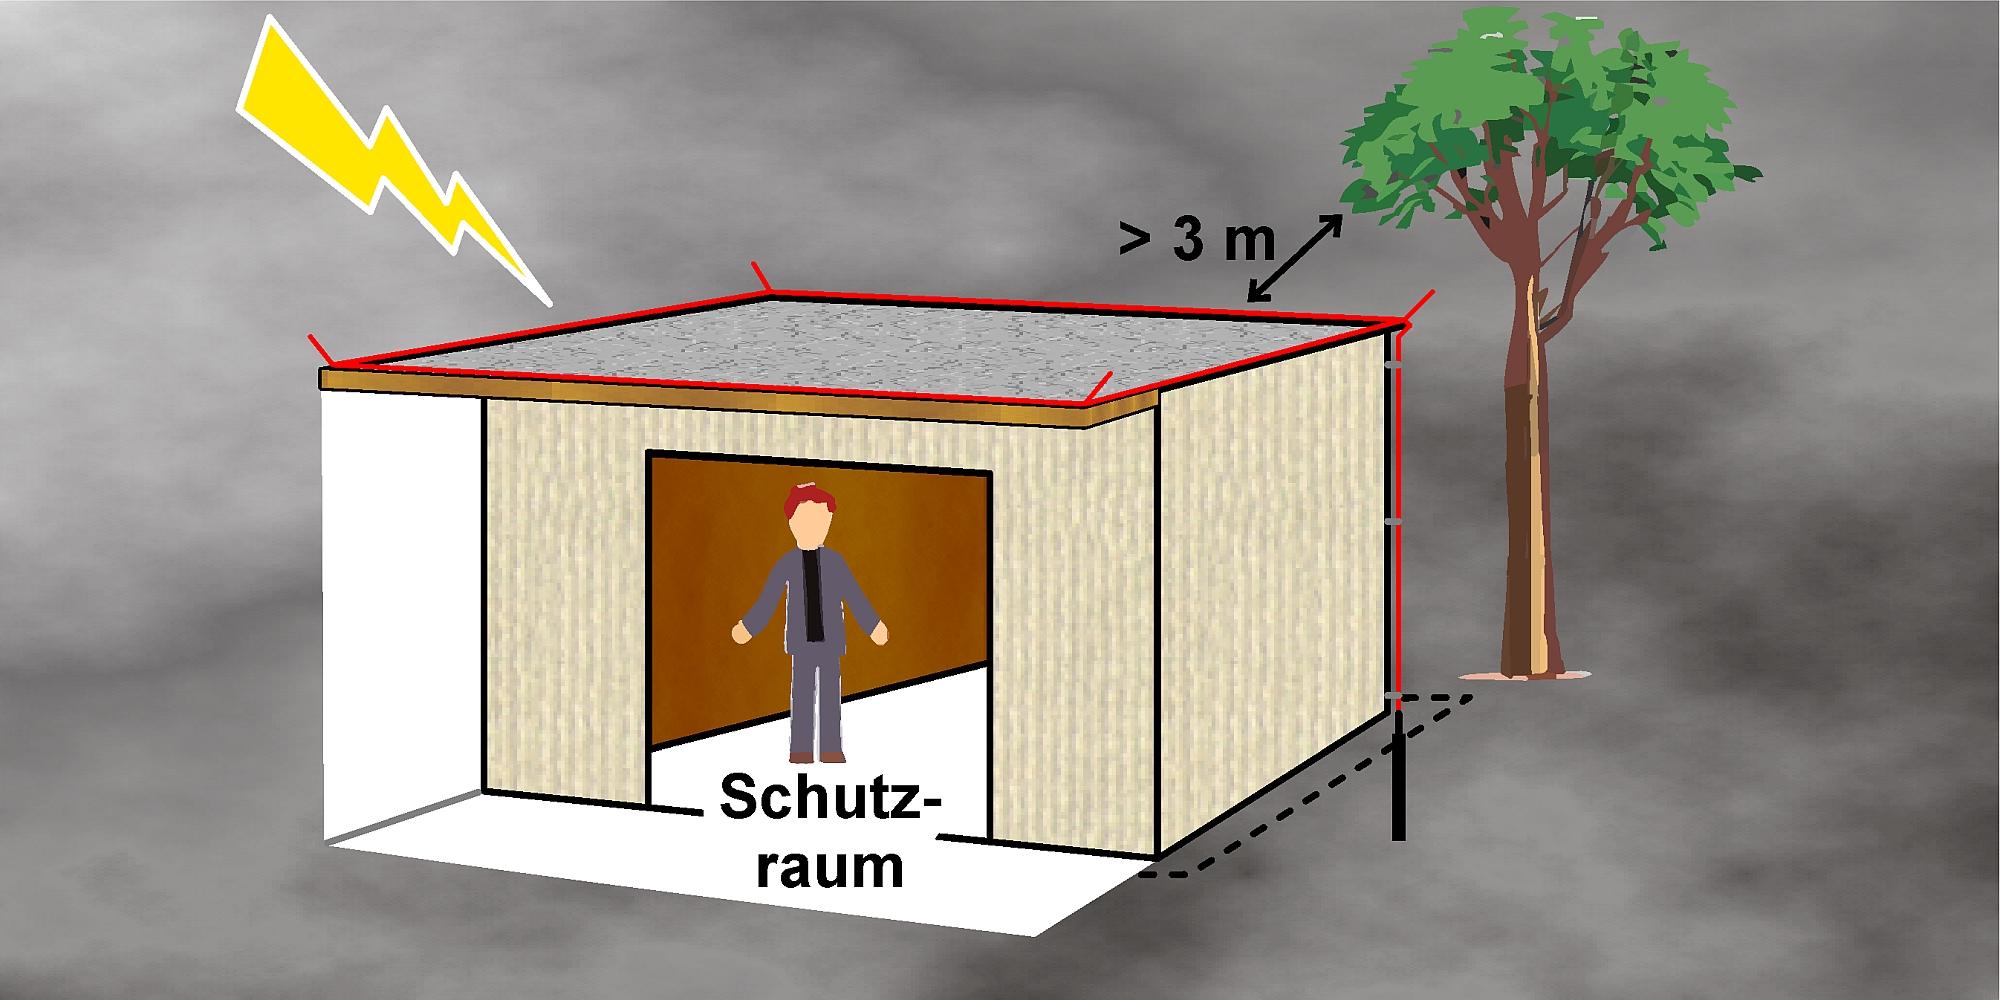 Extrem Blitzschutz von Schutzhütten - VDE|ABB HX77